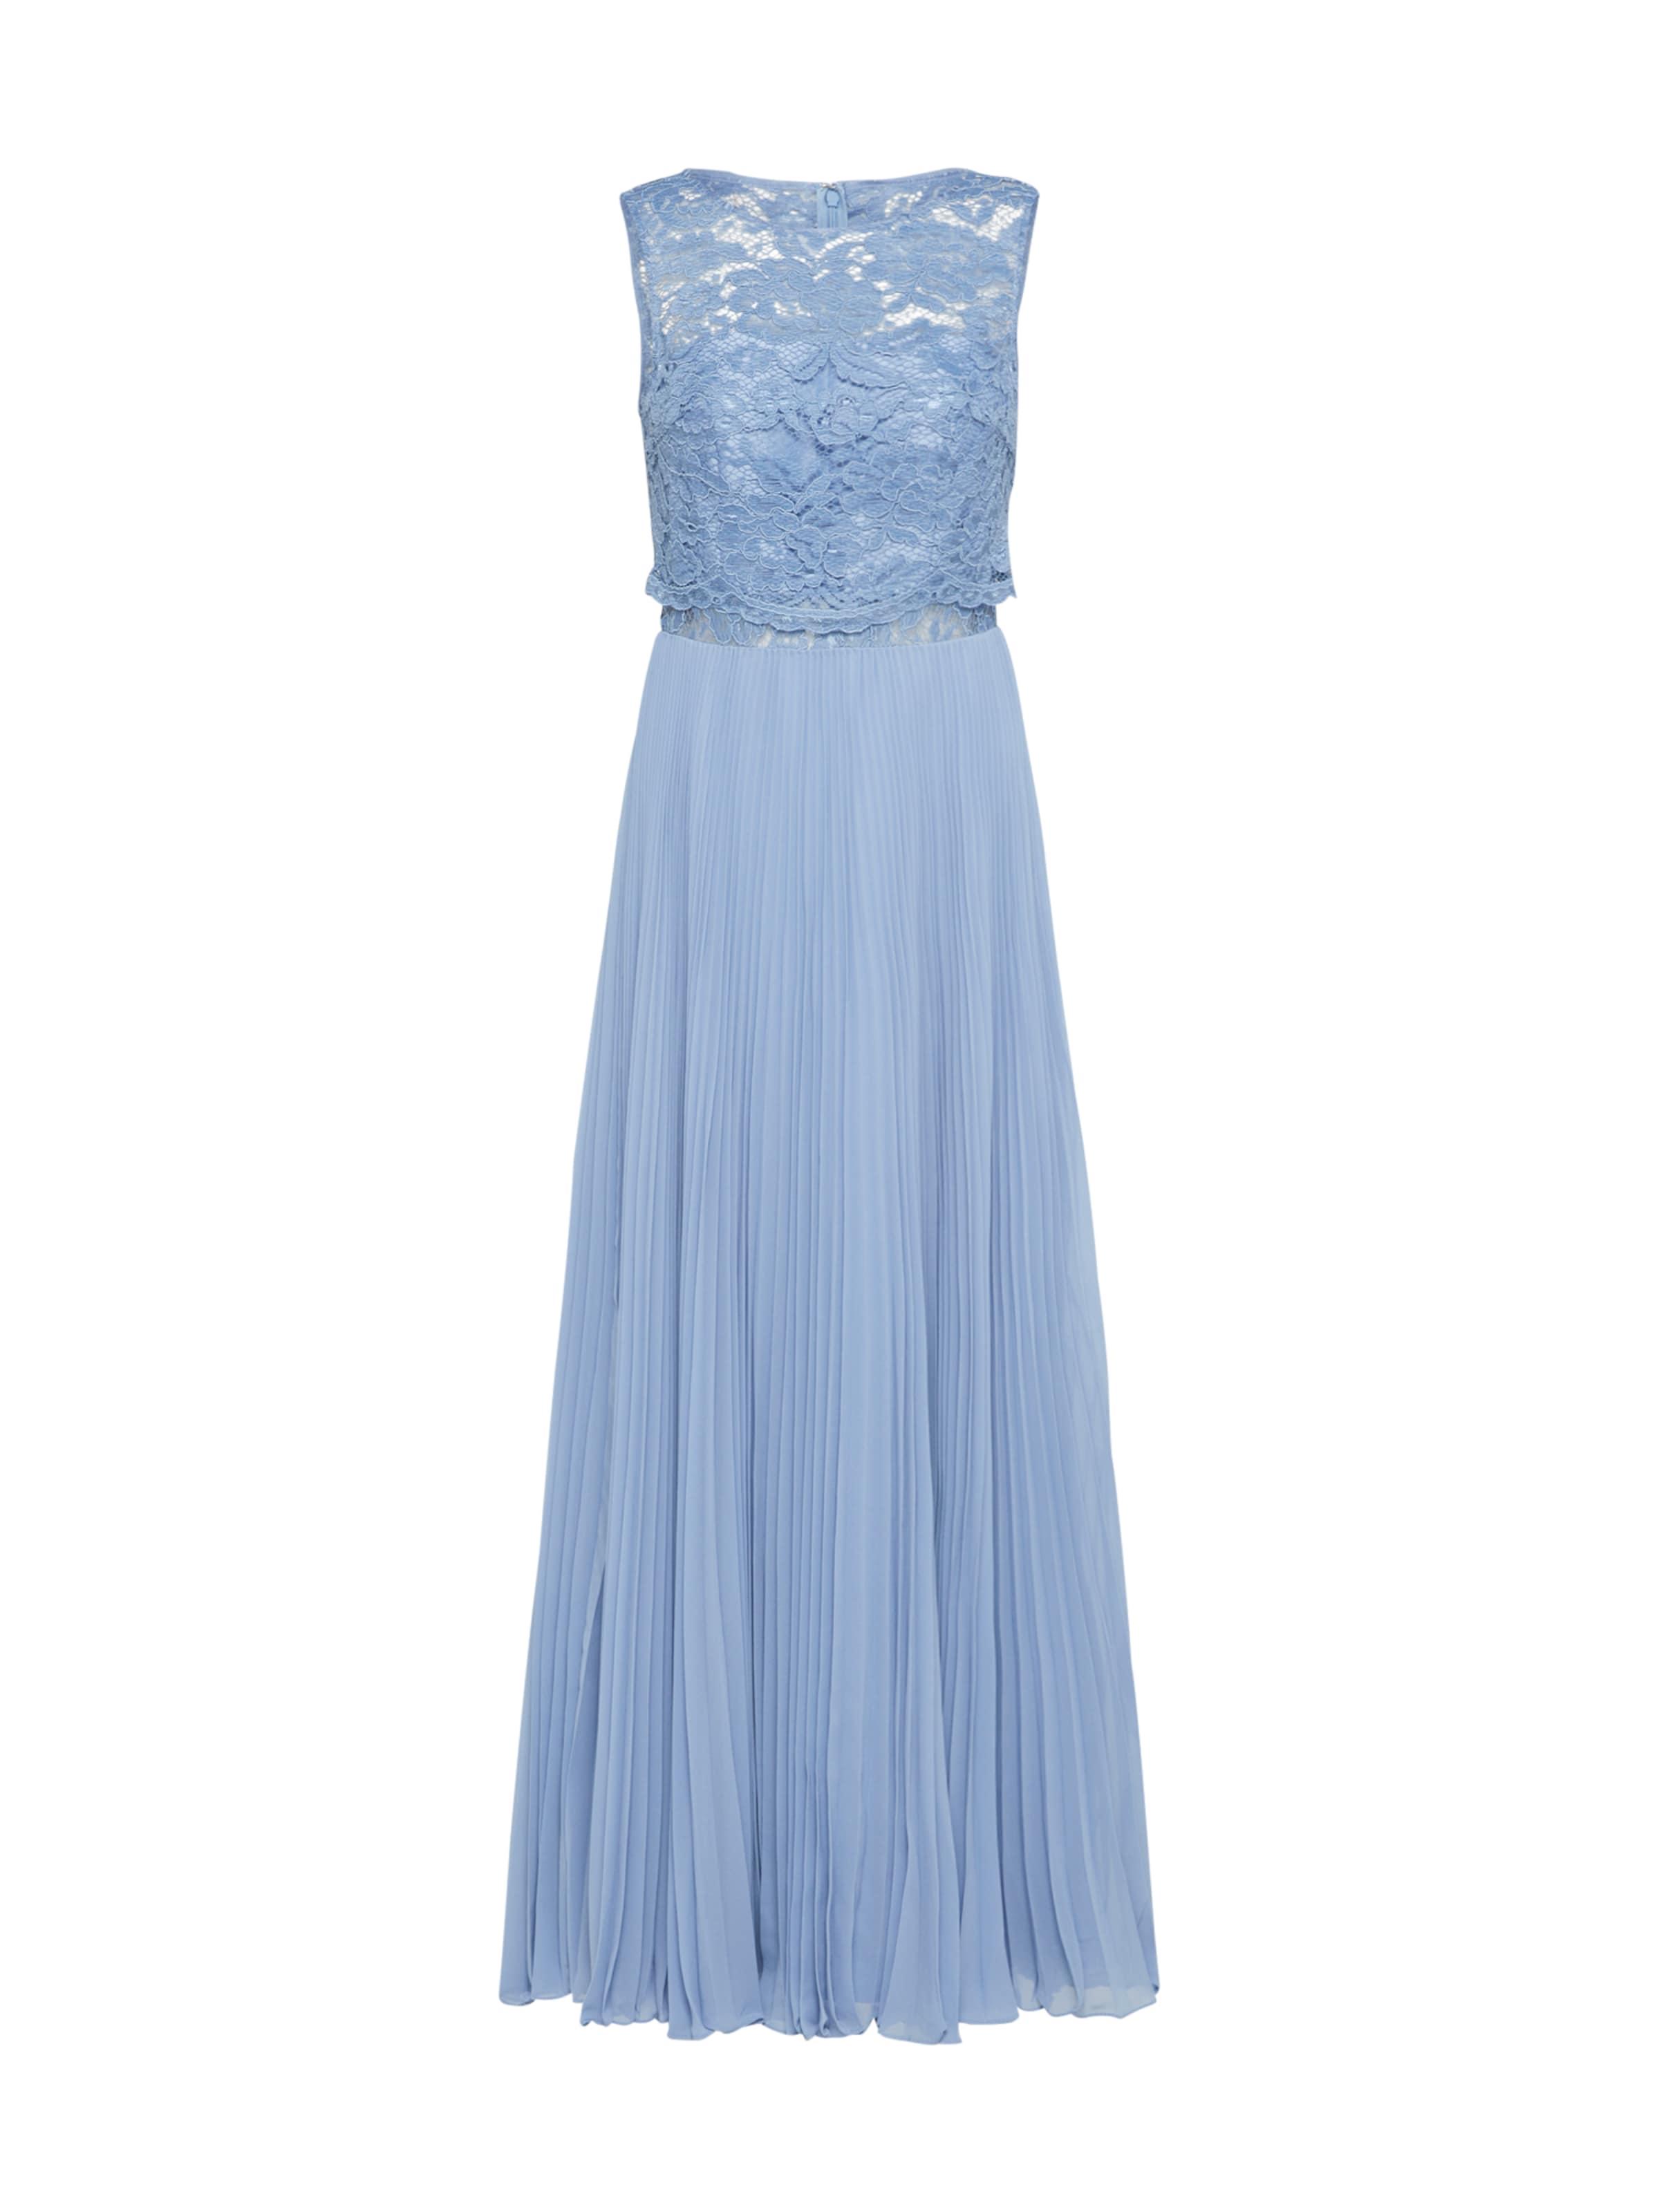 Abendkleid Violettblau Laona Mit Spitzentop In XZOiukTP